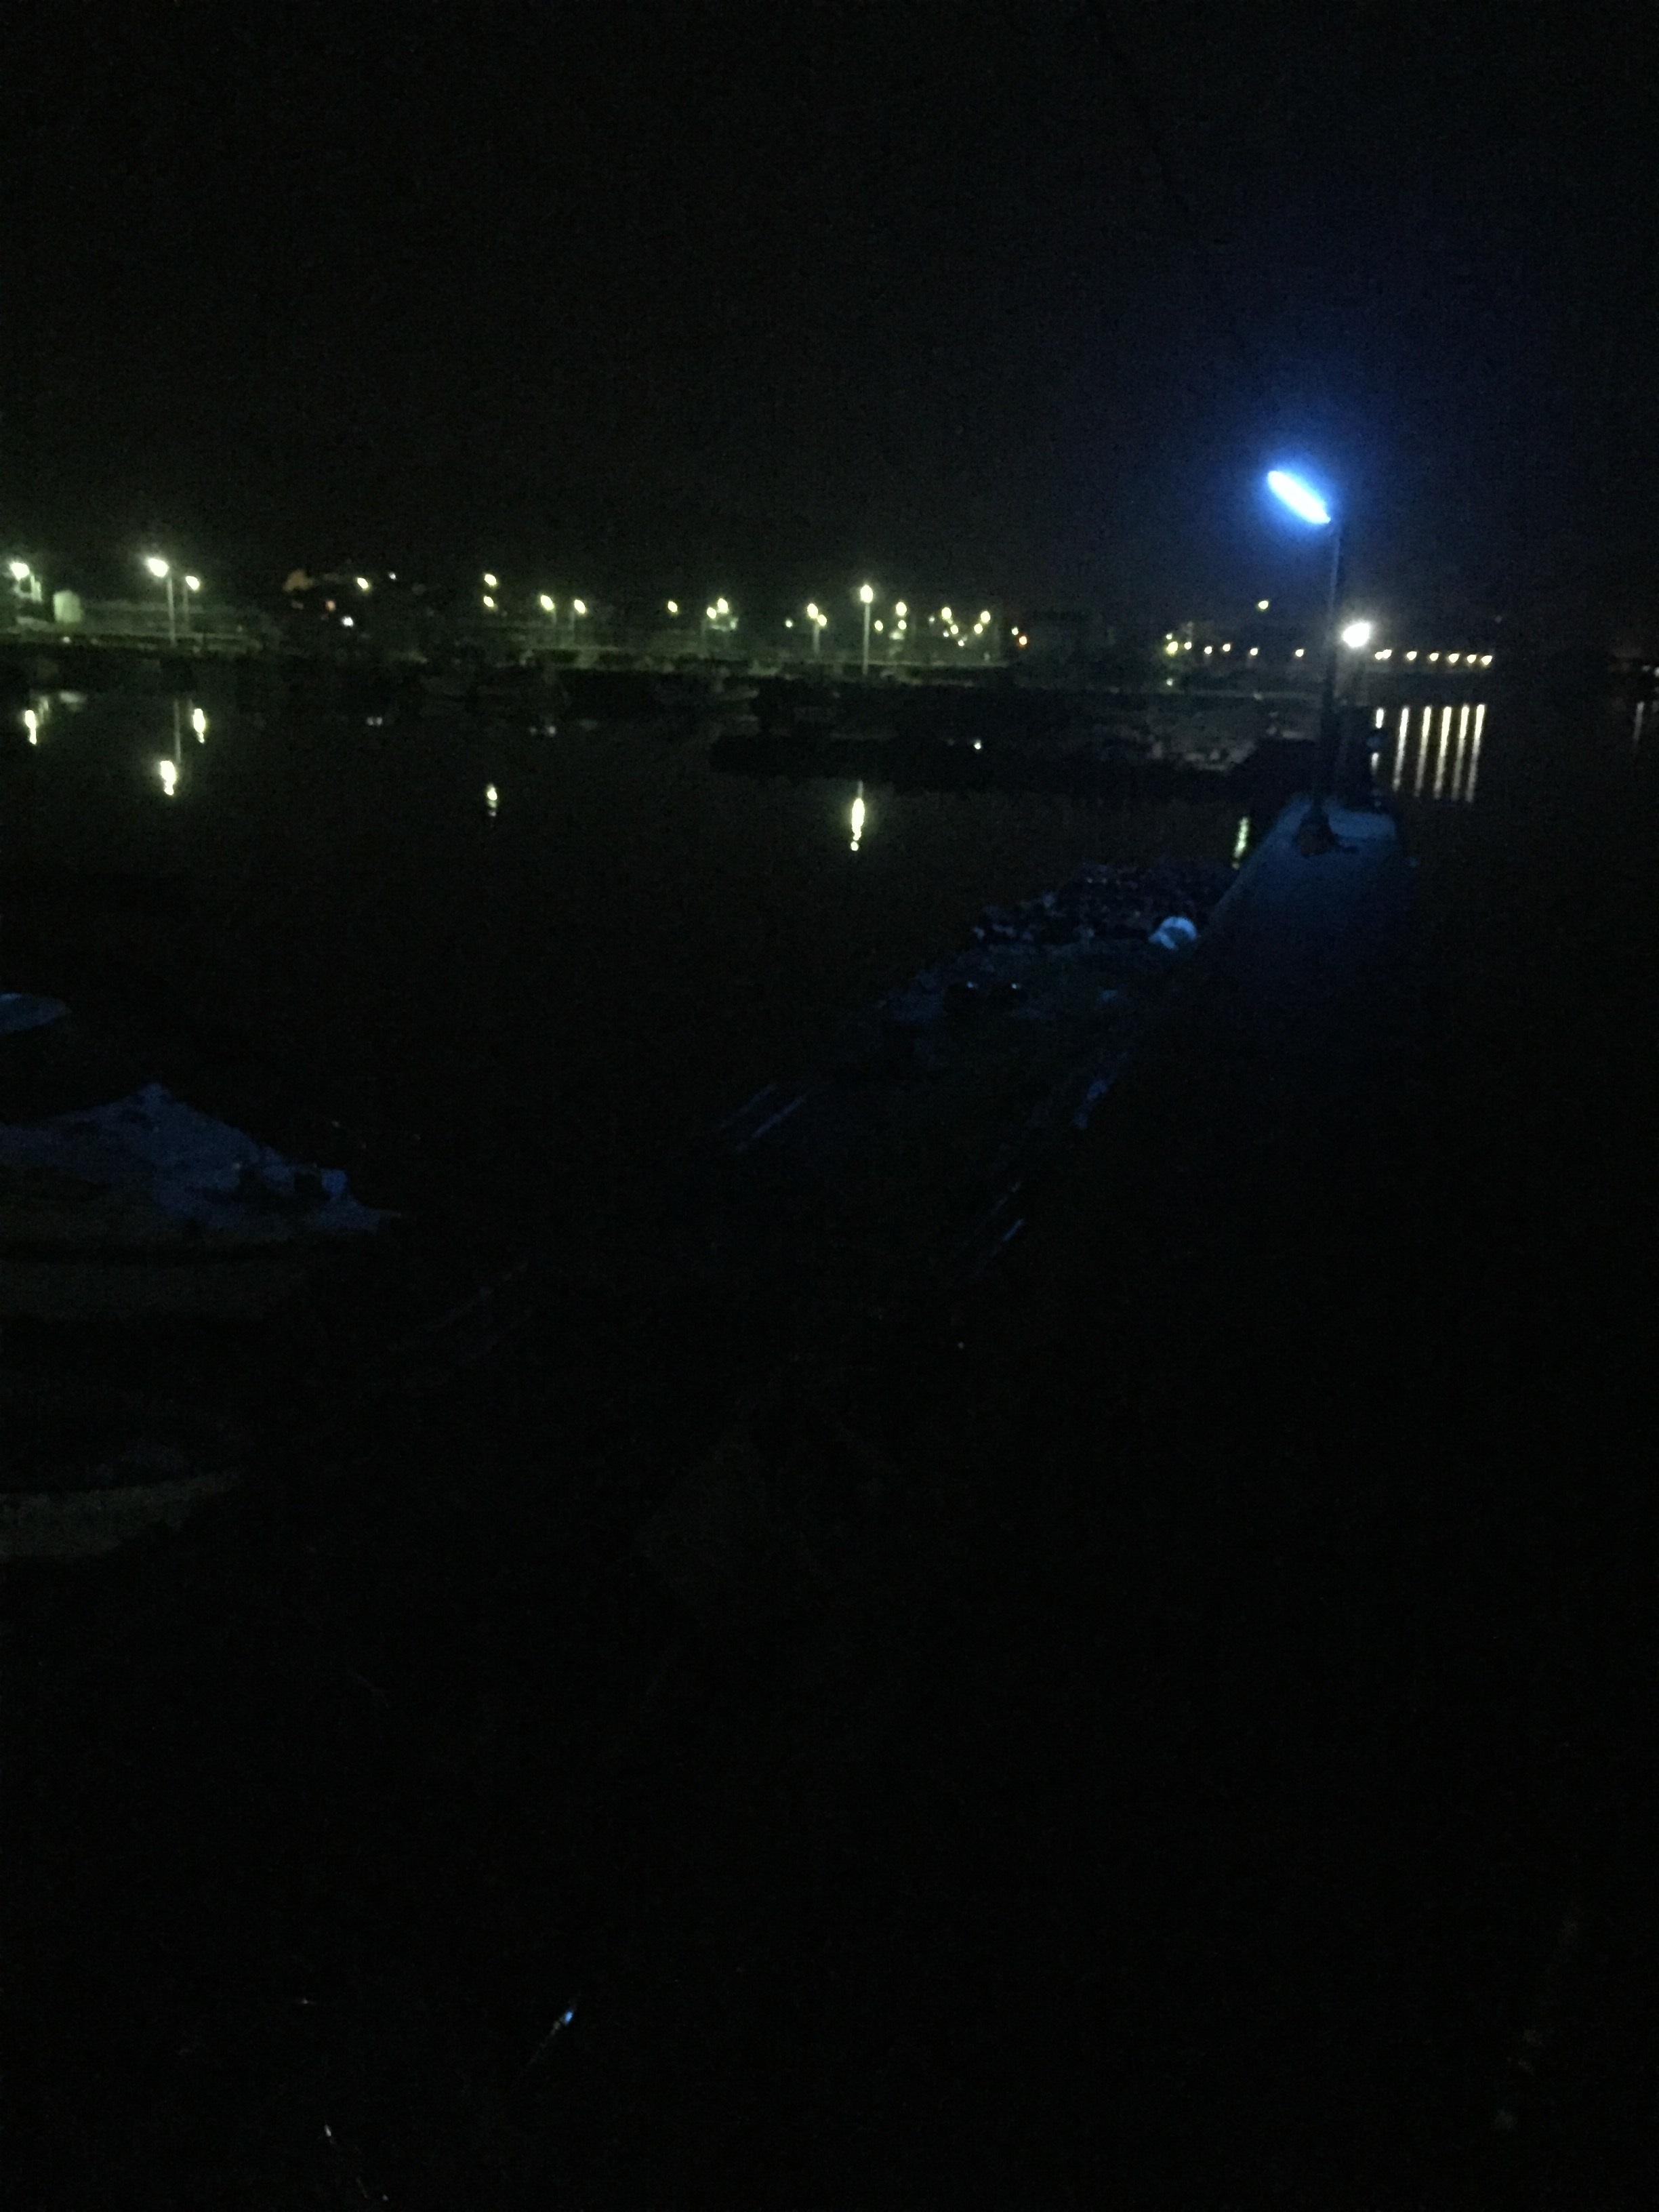 福良漁港の釣り場紹介(淡路島南淡)常夜灯がたくさんあるメバリングとナイトエギングの漁港